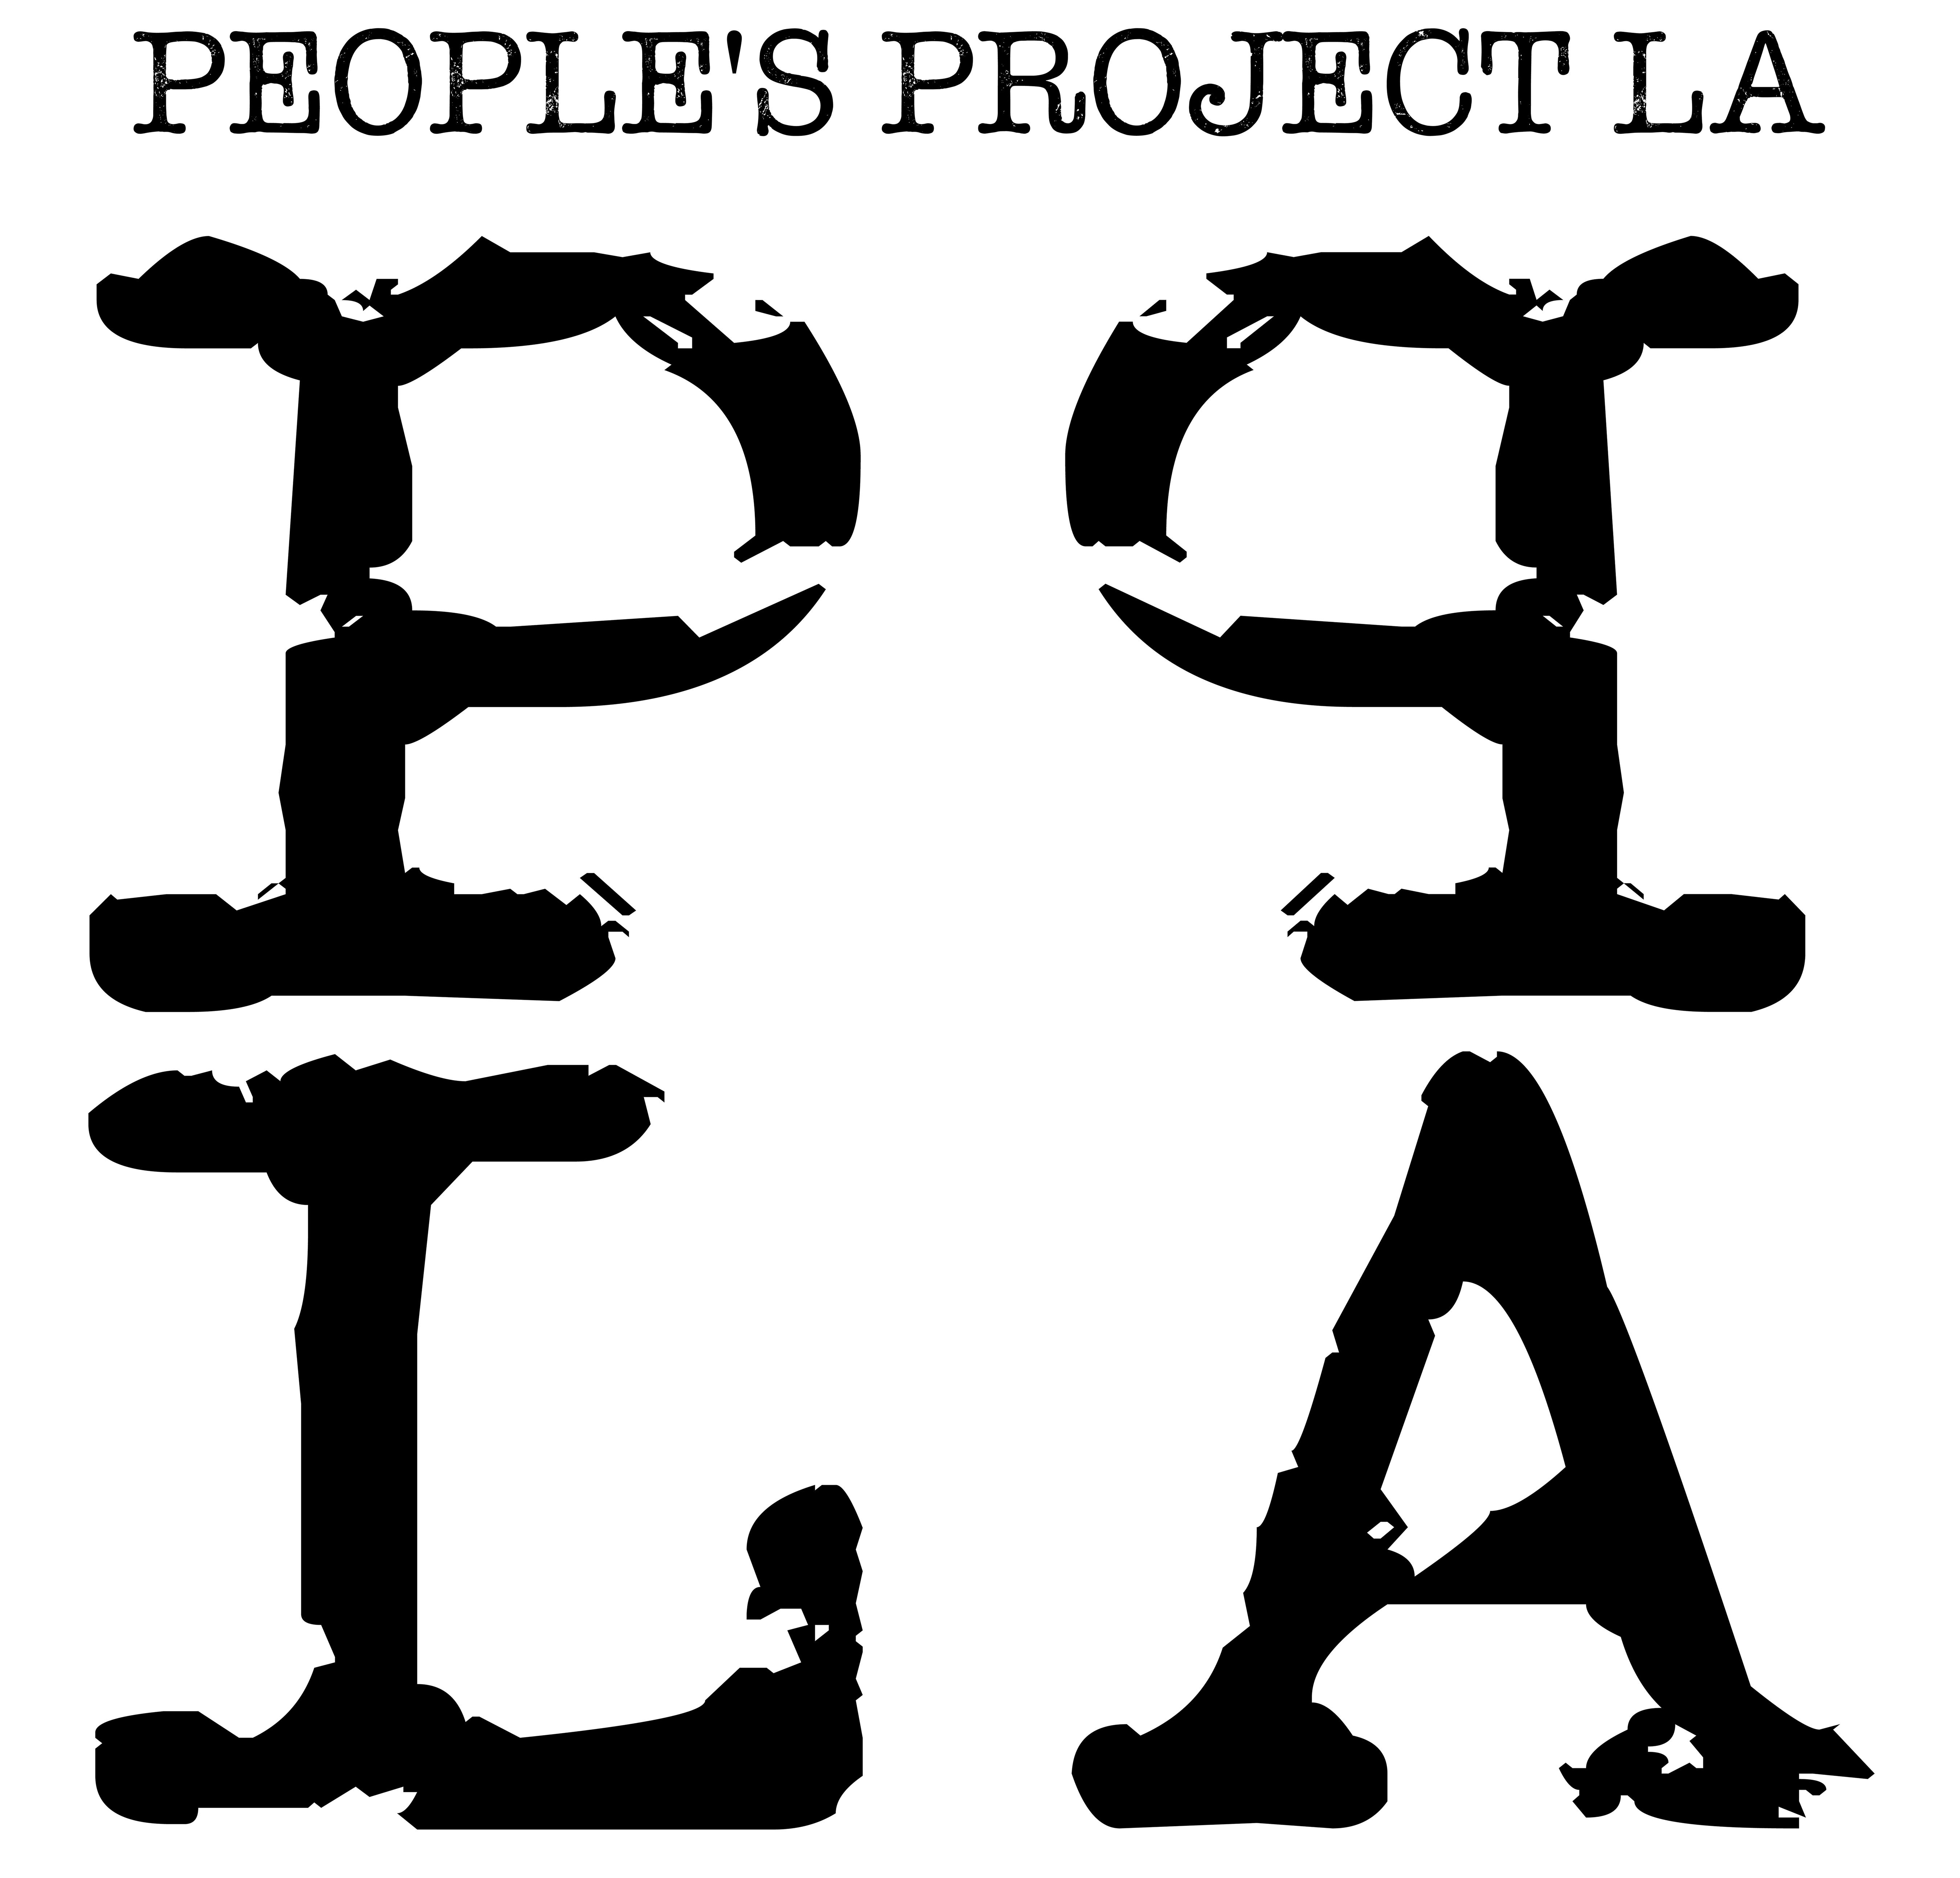 People's Project LA logo